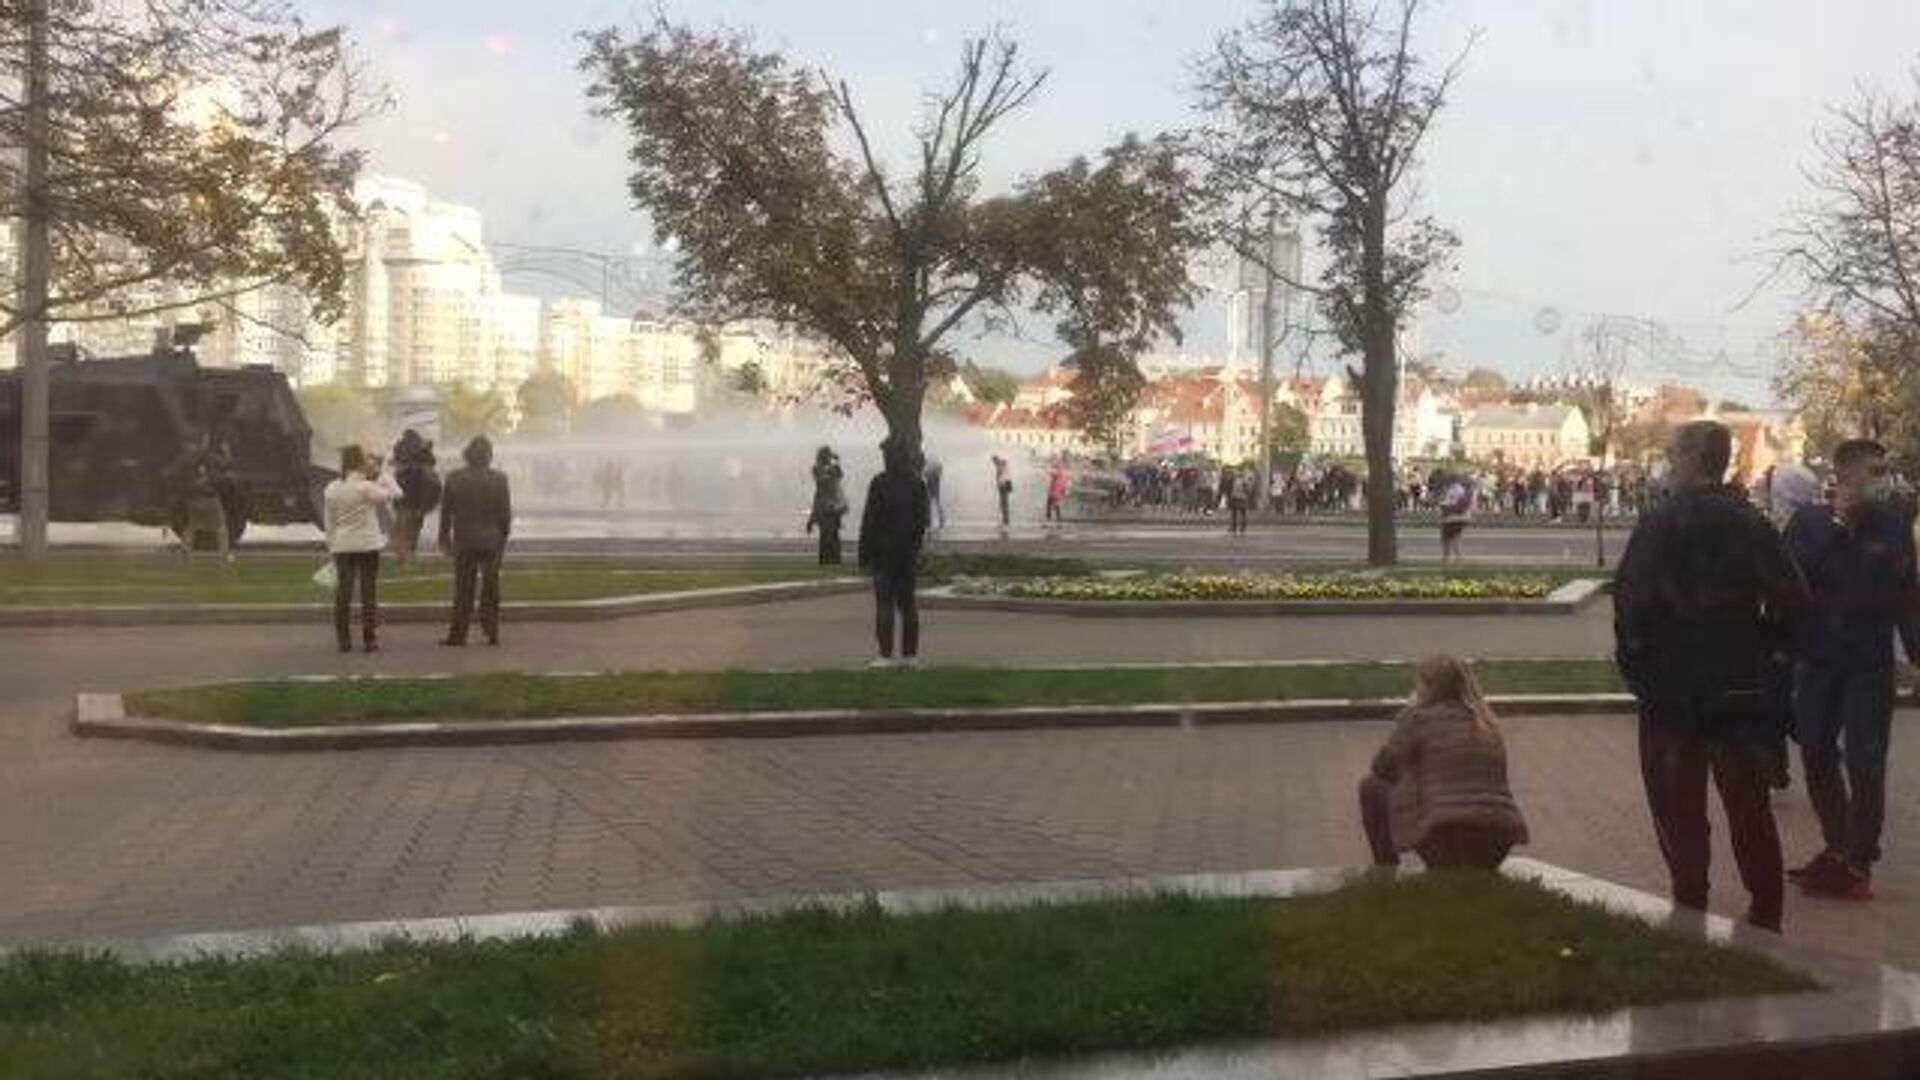 Применение водометов на акции протеста в Минске - РИА Новости, 1920, 11.10.2020